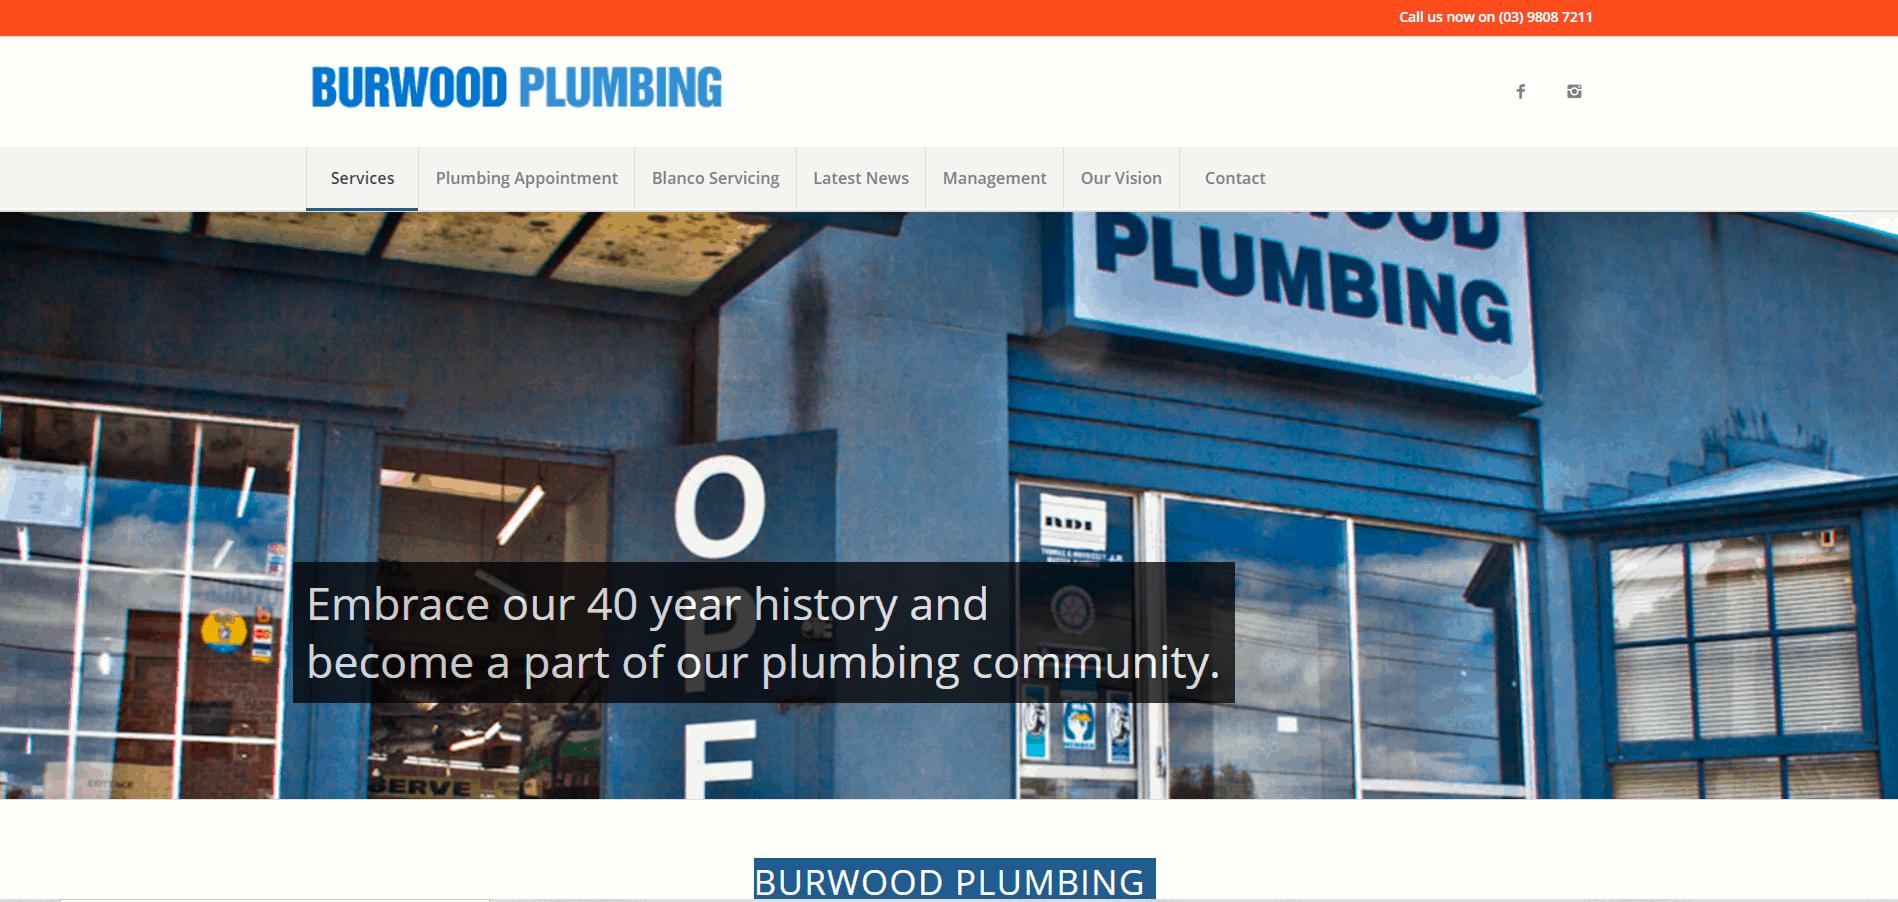 Burwood Plumbing